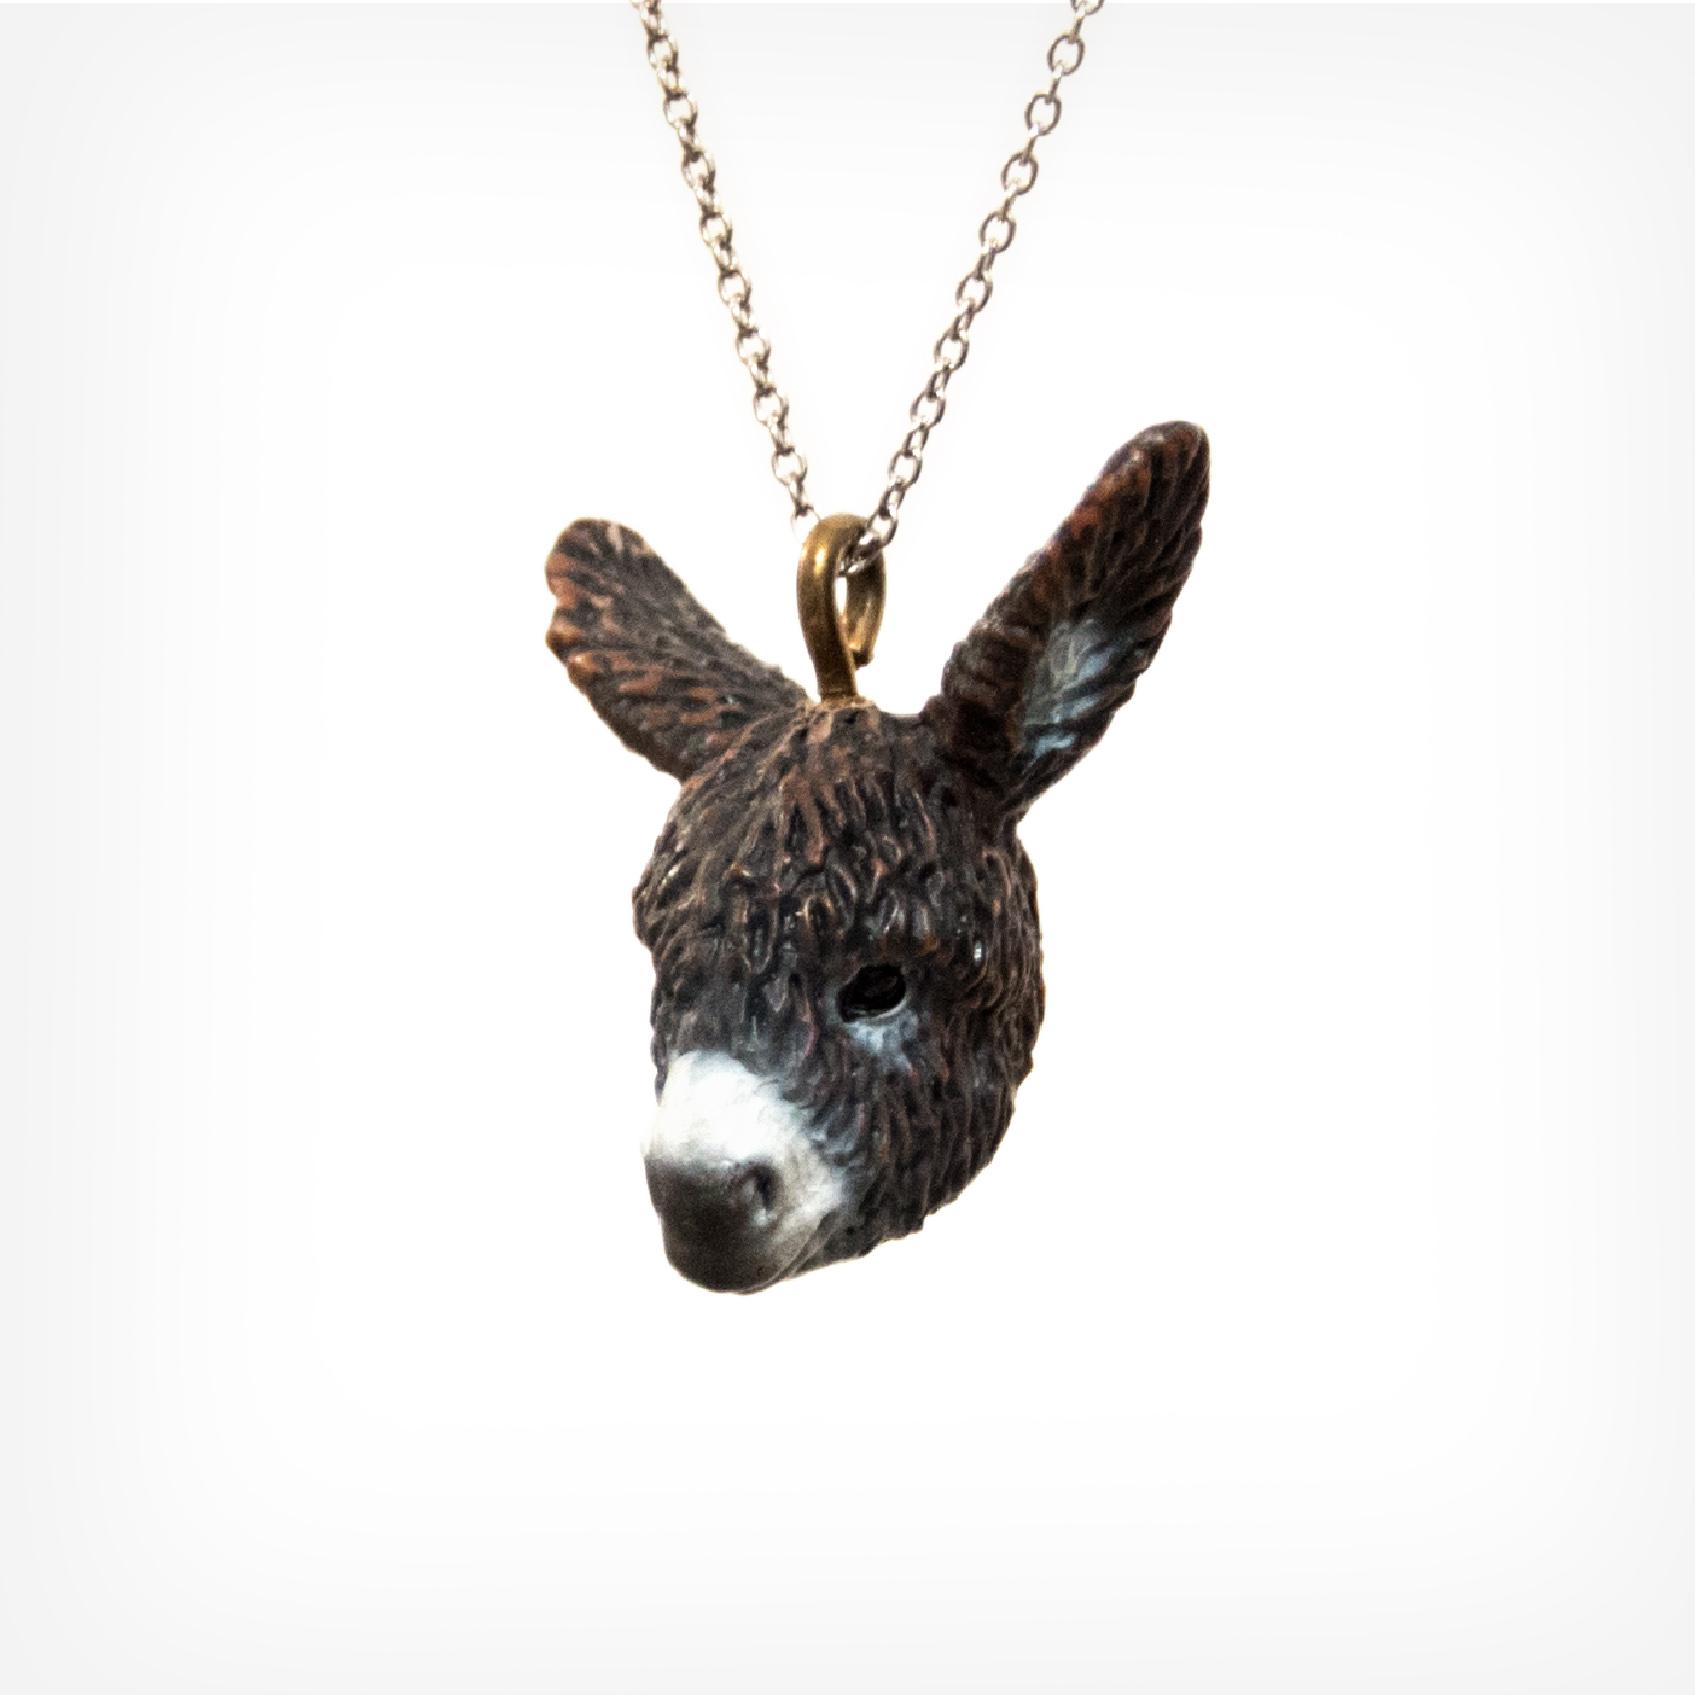 Poitou-Esel | poitou donkey